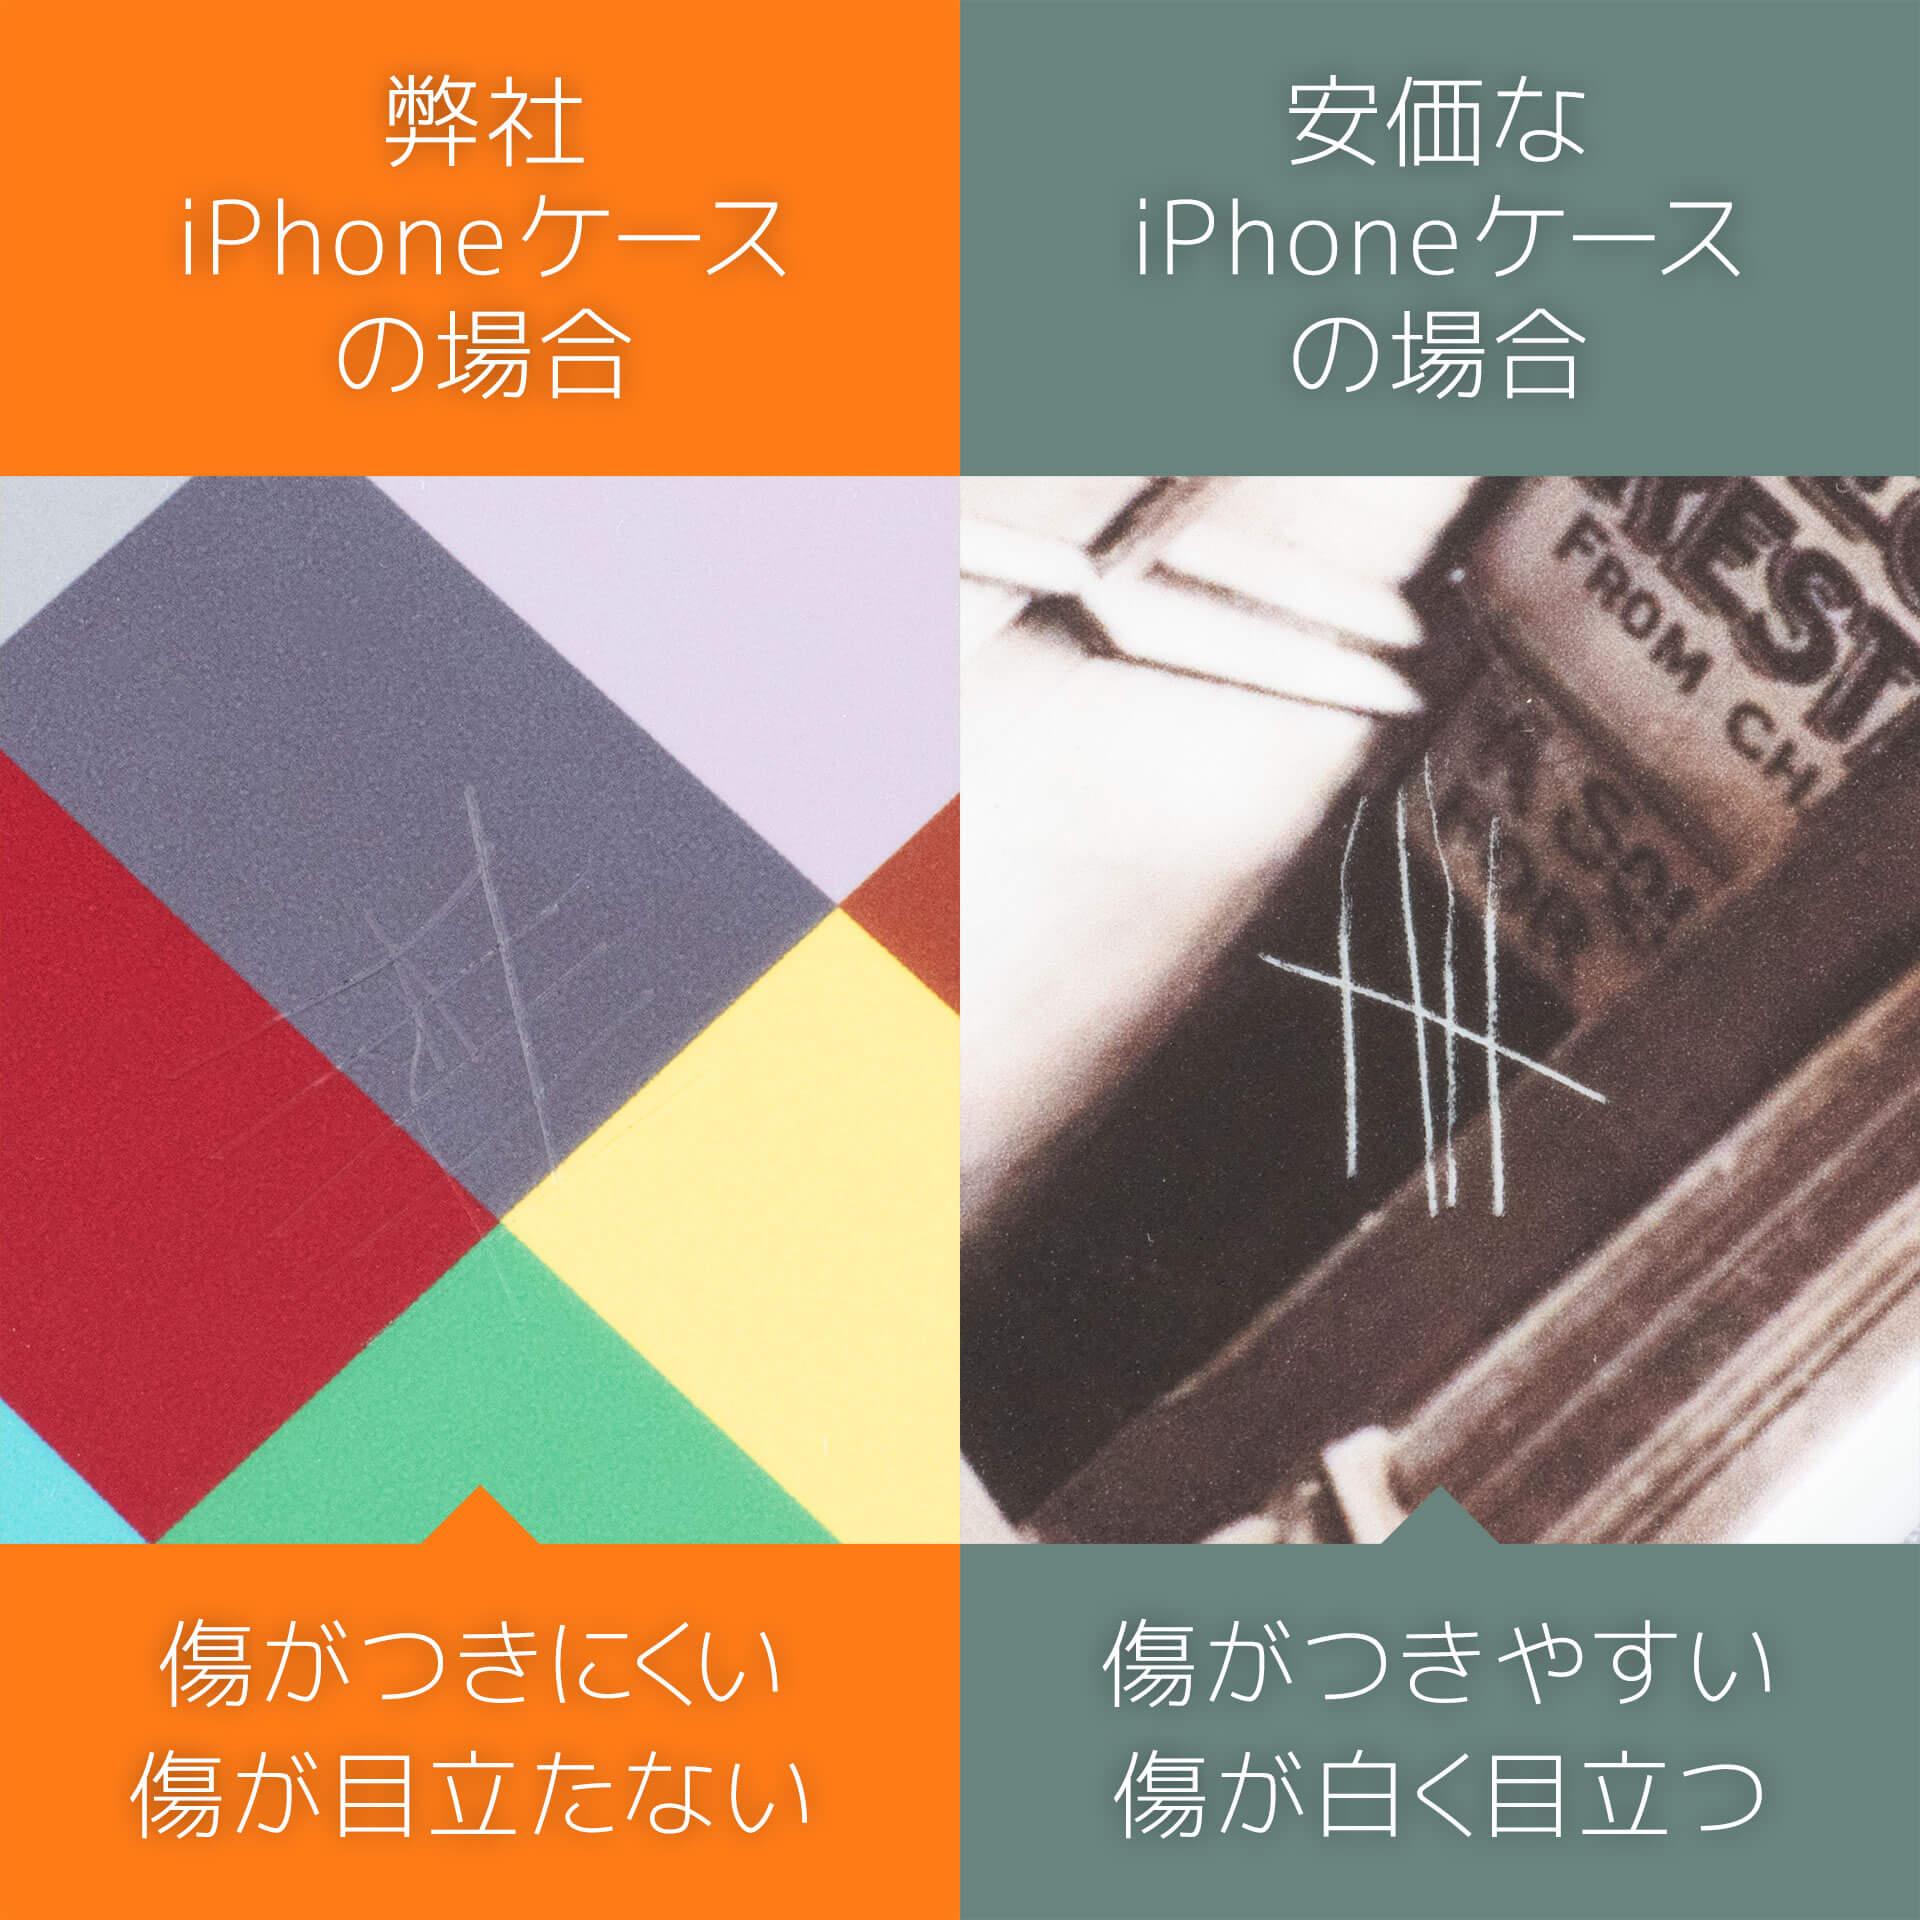 超硬質コーティングの比較画像1